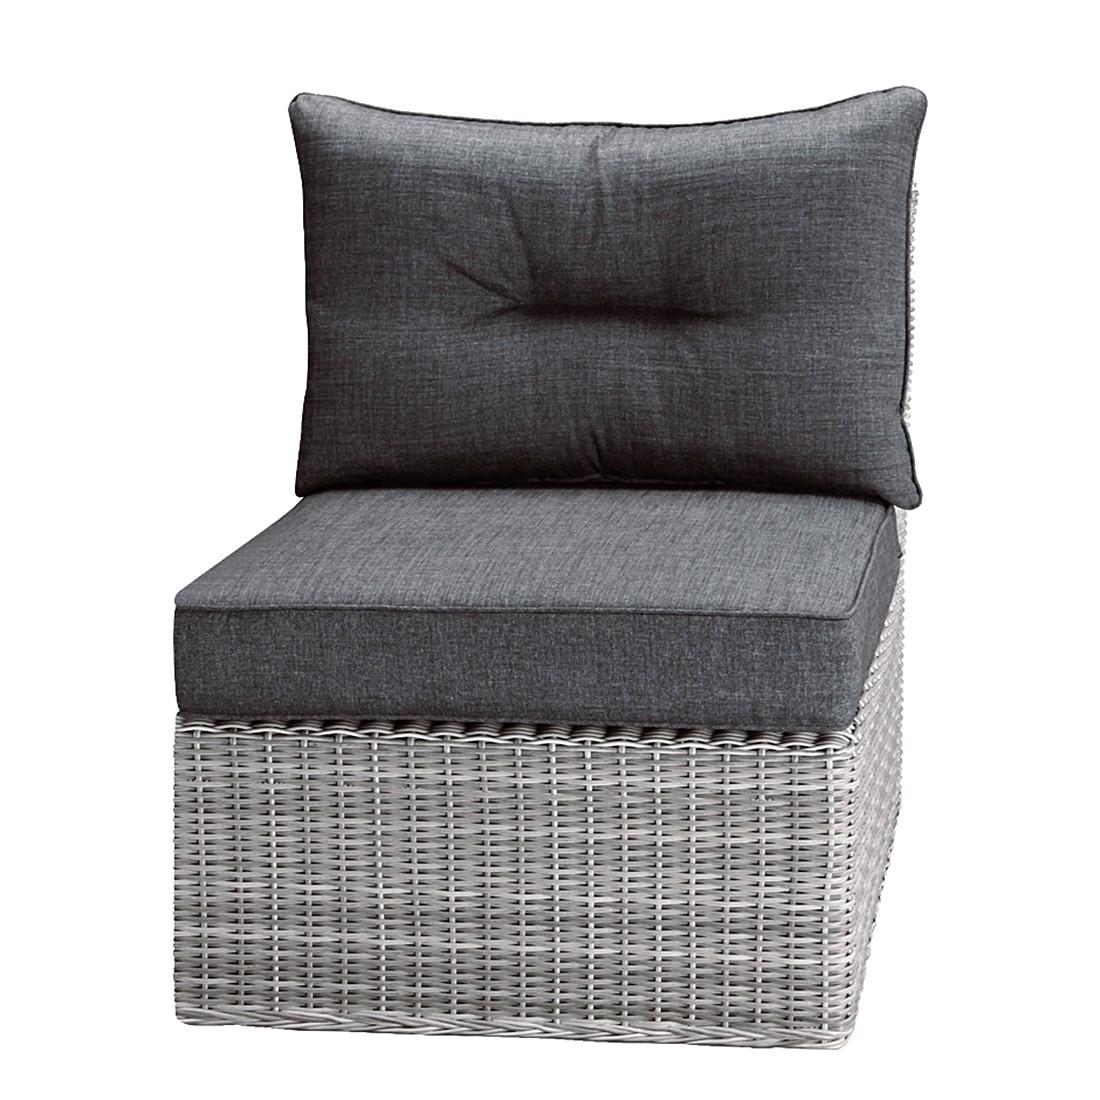 Mittelteil Lounge Bombay - Kunstfaser/Webstoff - Warm Grey/Anthrazit, Best Freizeitmöbel